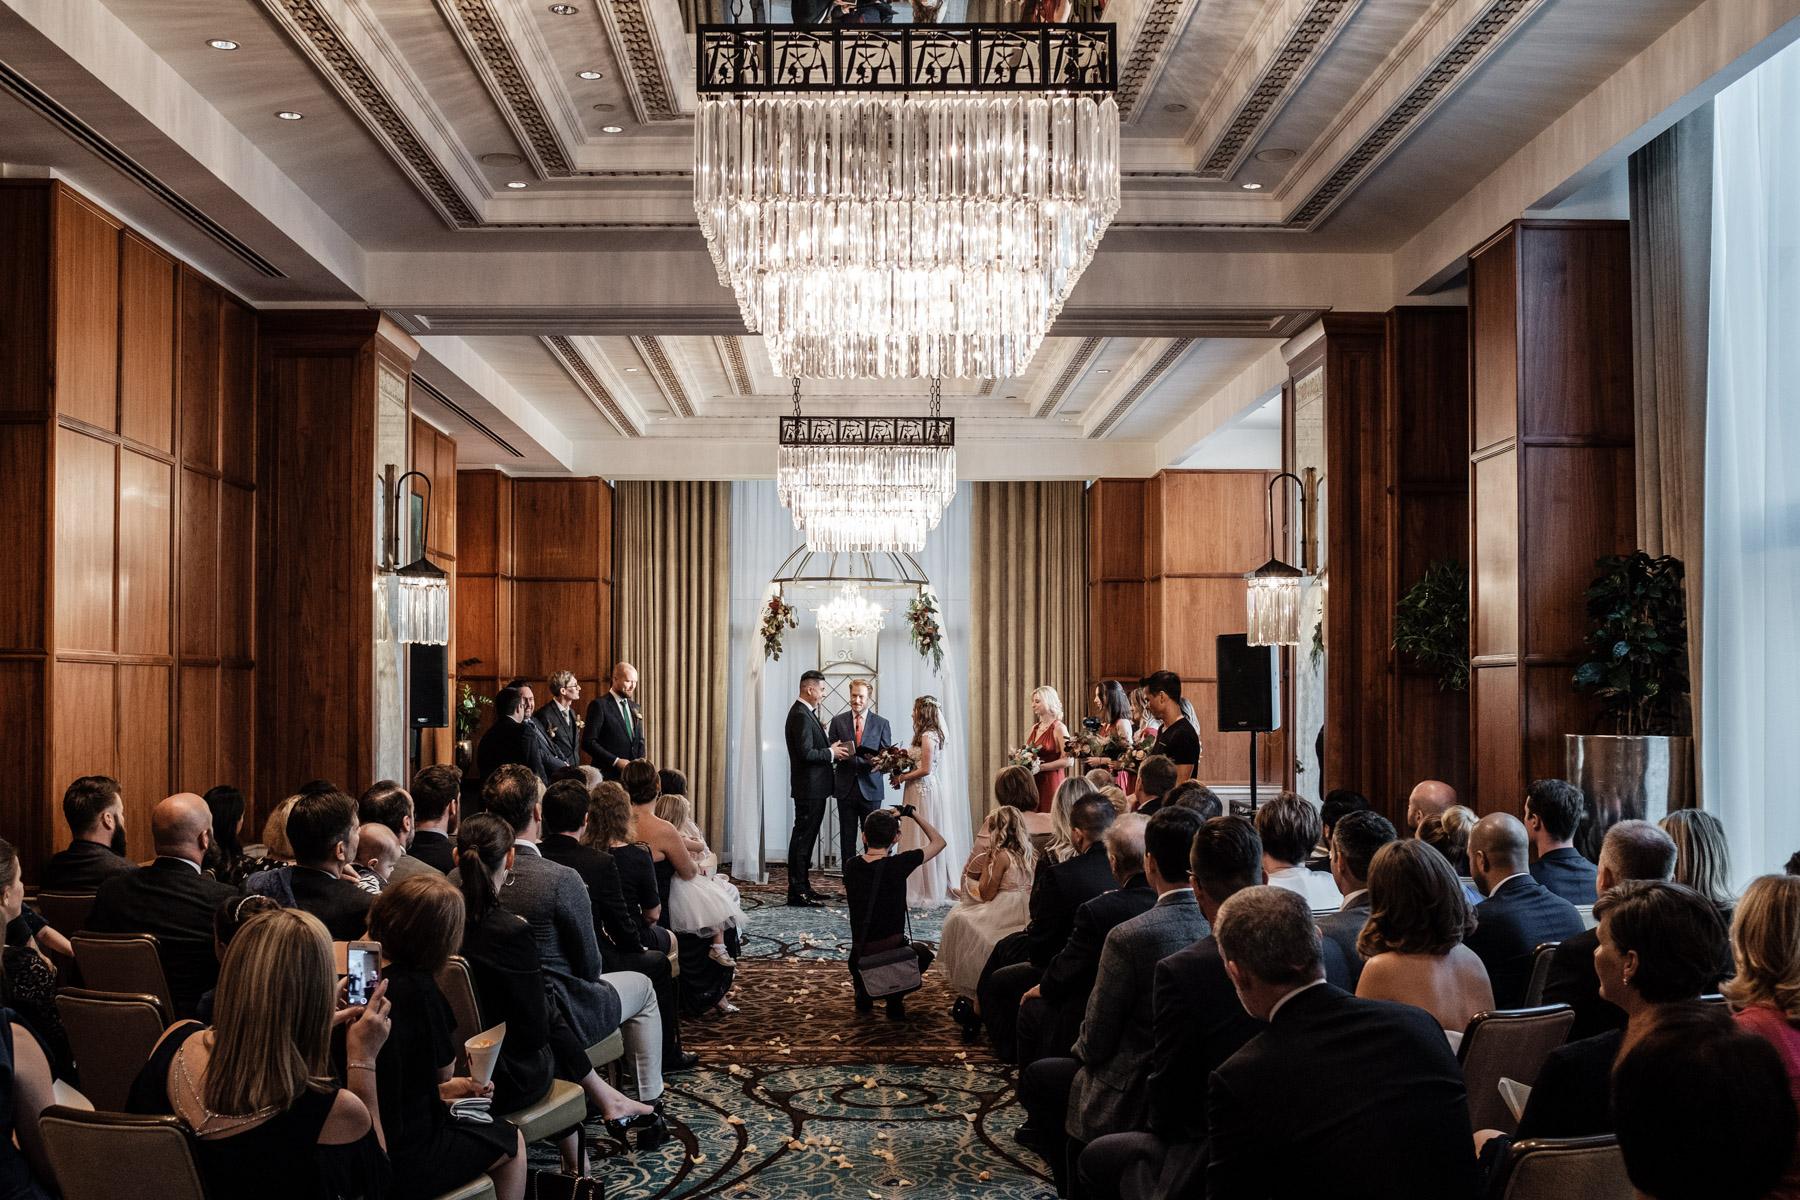 MartinLiebl_Kein_Hochzeitsfotograf_No_Wedding_Photographer_Budapest_Gresham_Palace_039.jpg